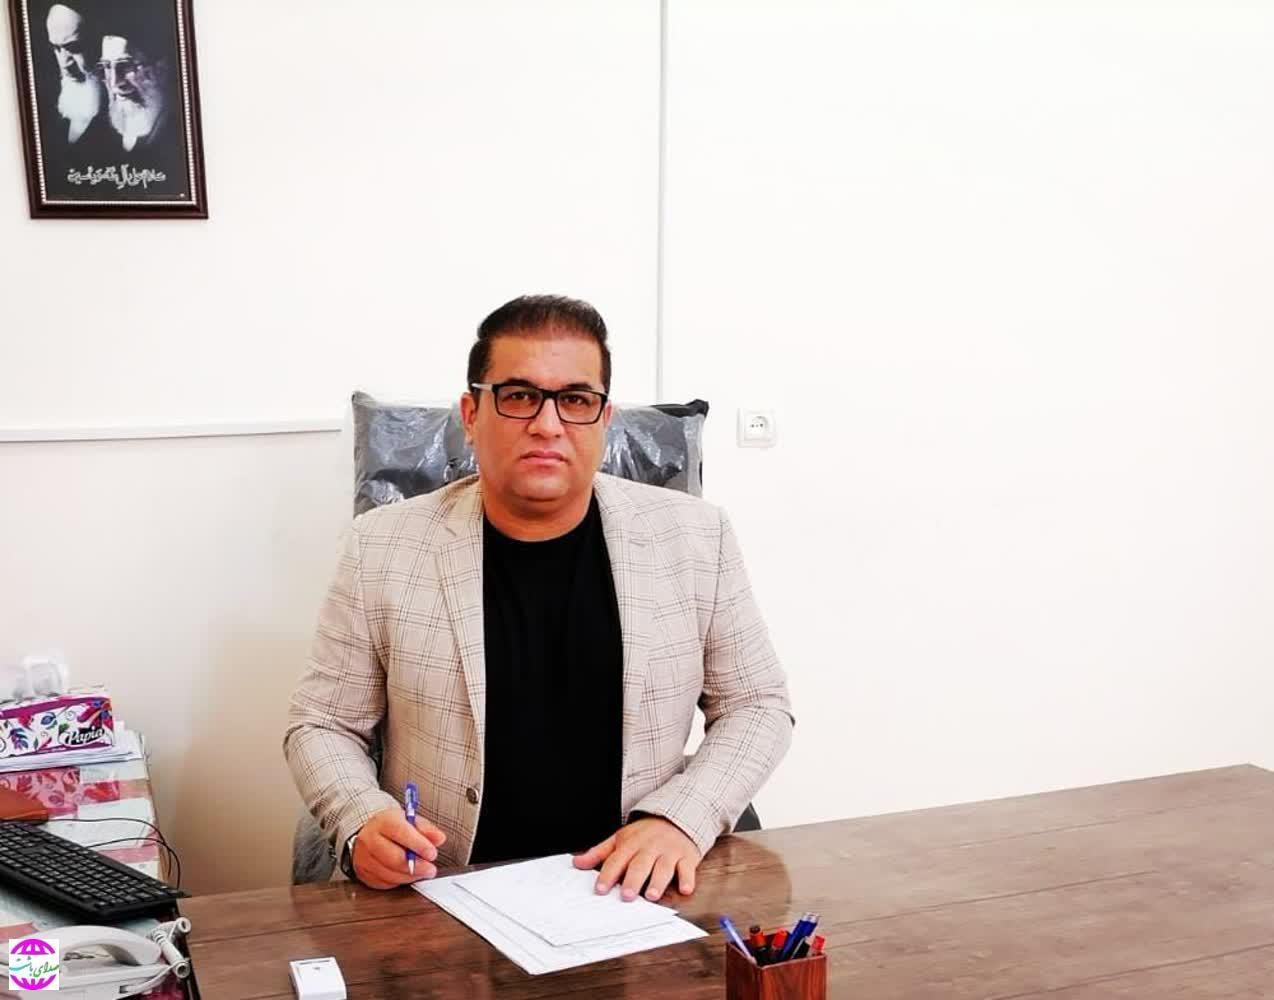 رییس اداره ورزش و جوانان شهرستان باشت طی پیامی فرا رسیدن هفته تربیت بدنی و ورزش را تبریک گفت.